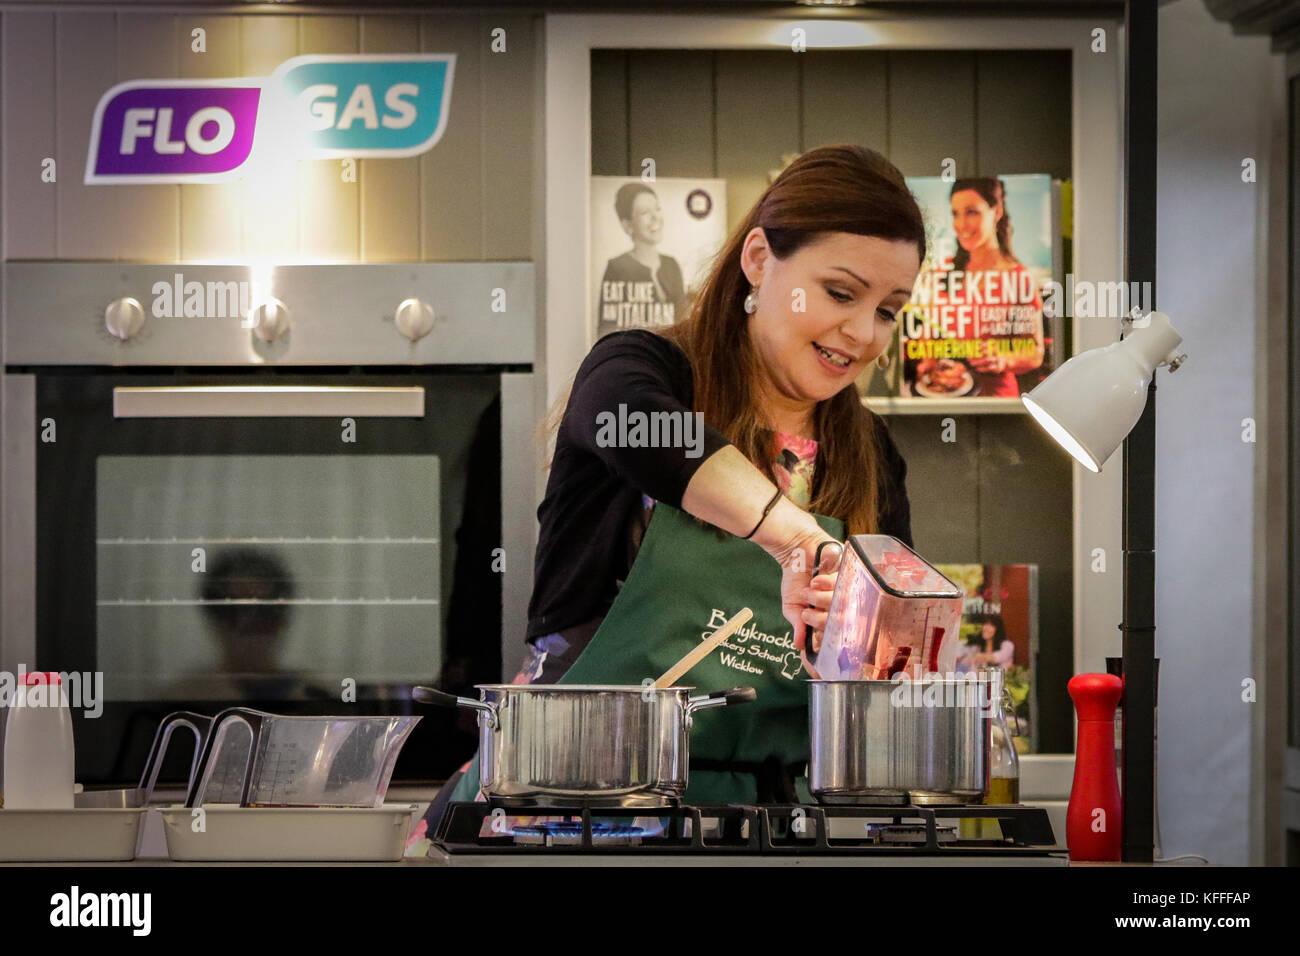 Catherine fulvio dando una demostración de cocina hoy como parte del ...